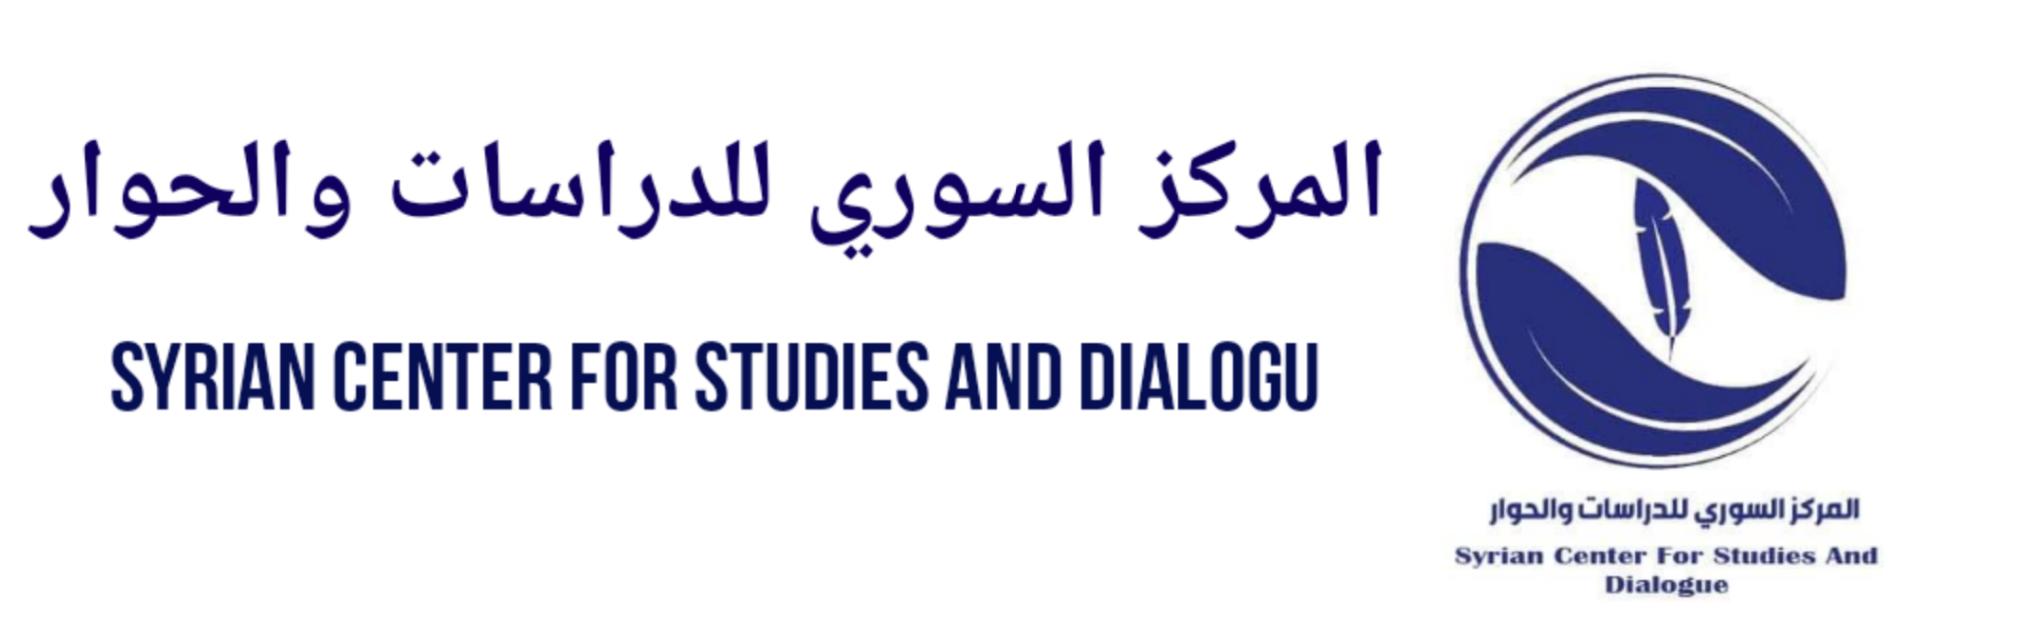 المركز السوري للدراسات والحوار